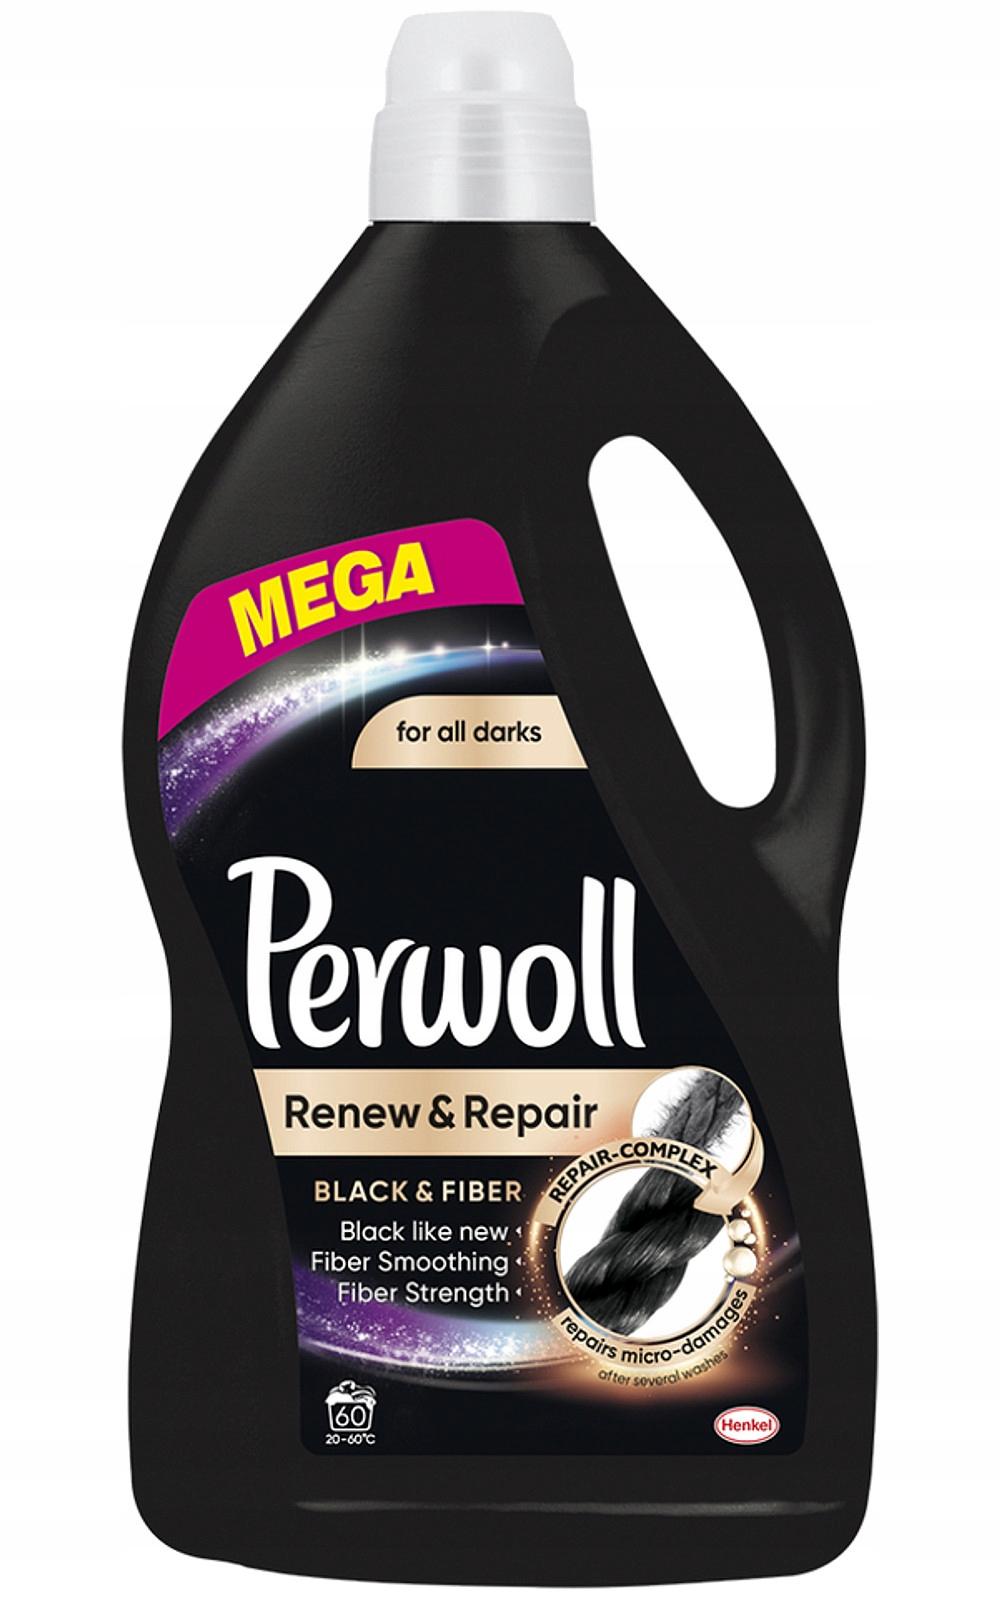 Perwoll Возобновить Ремонт Черная стиральная жидкость 60pr 3.6L